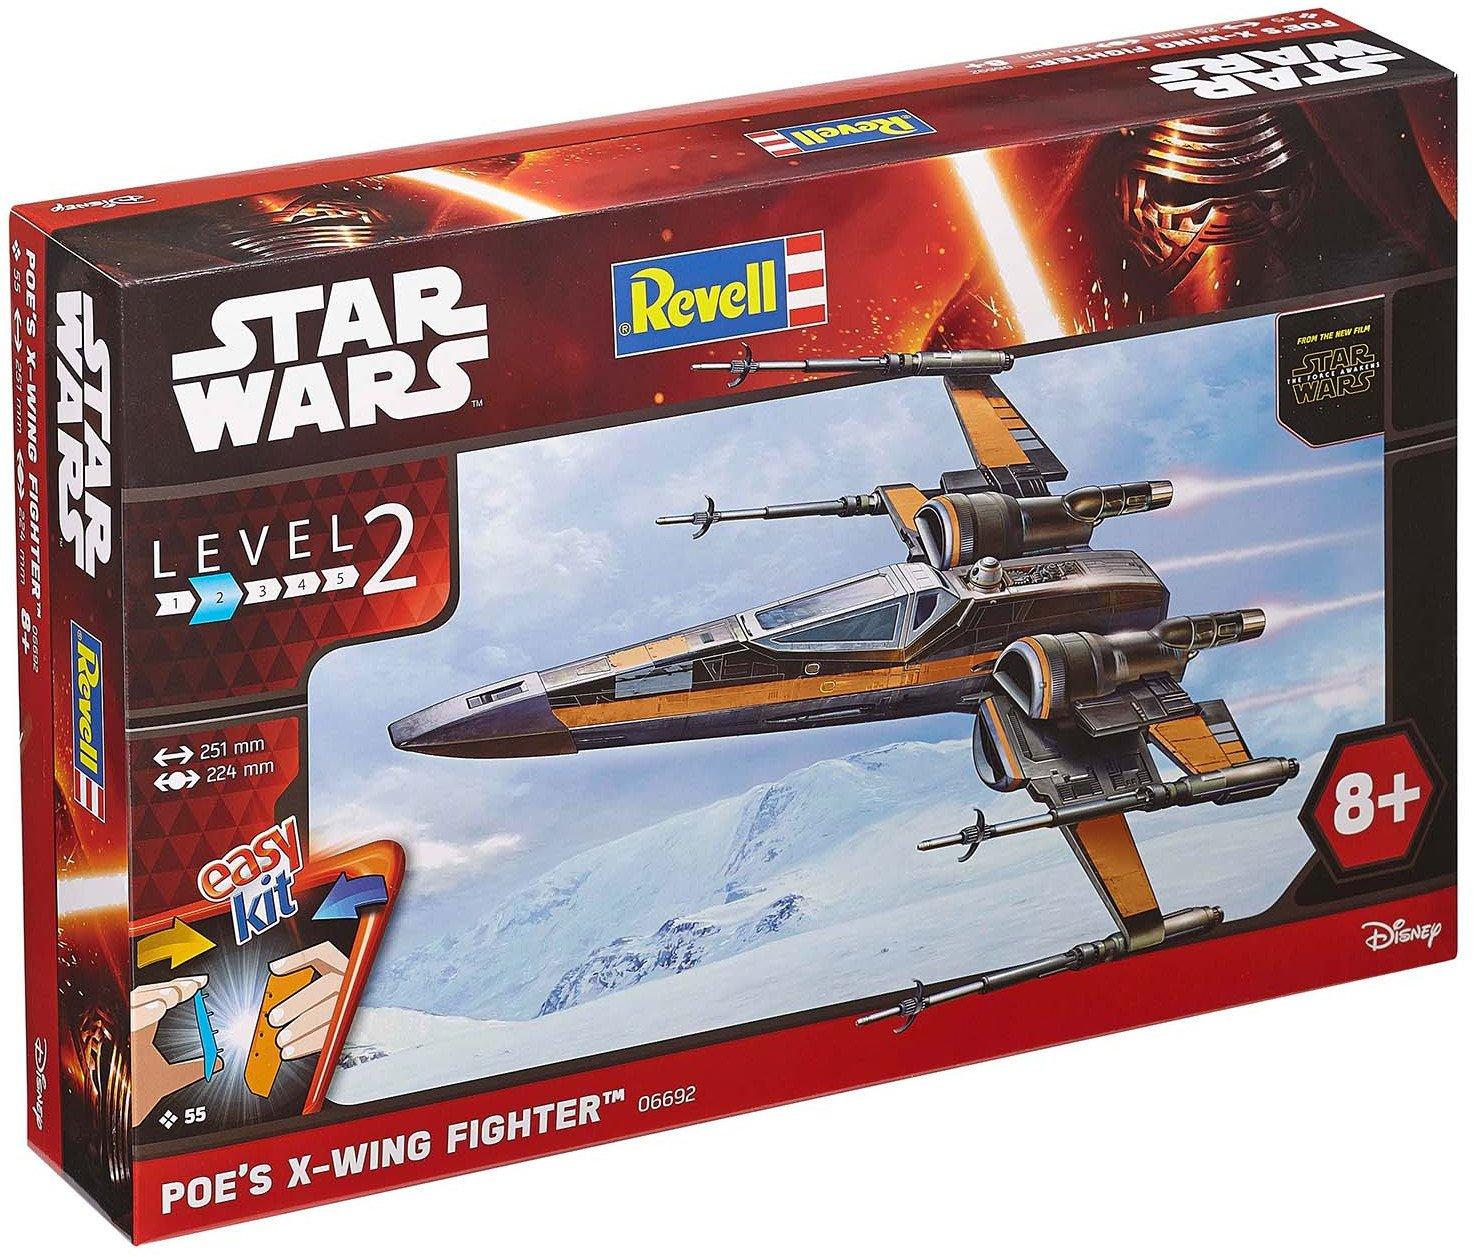 Revell 06692 Modellbausatz Star Wars Poe´s X-wing Fighter im Maßstab 1:50, Level 2, originalgetreue Nachbildung mit vielen Details, Steckmechanismus, mit vorbemalten und vordekorierten Teilen Revell easykit Revell_06692